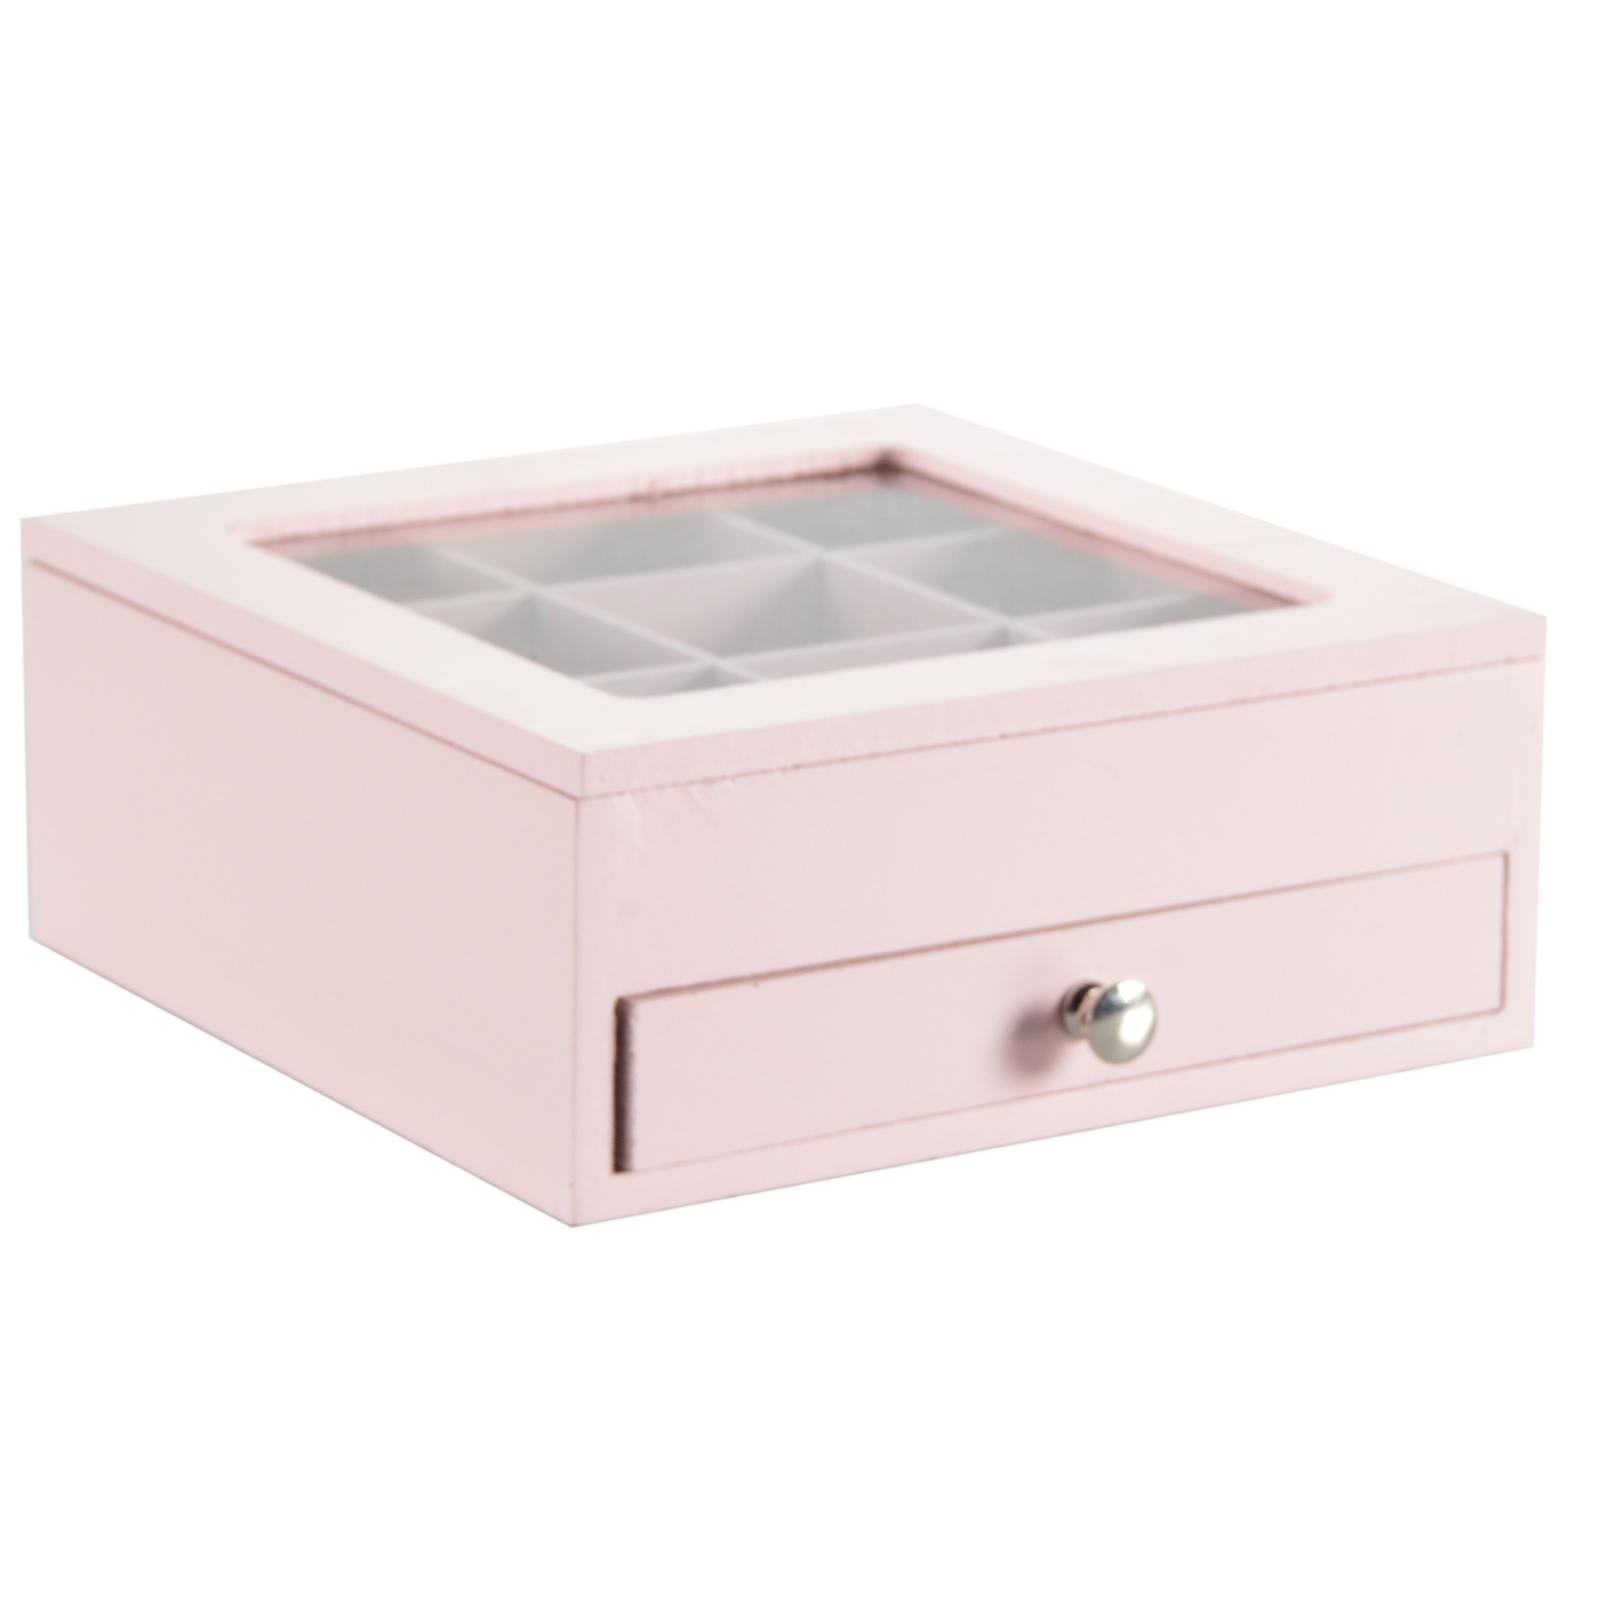 aufbewahrungsbox curse schmuckbox schmuckkasten. Black Bedroom Furniture Sets. Home Design Ideas